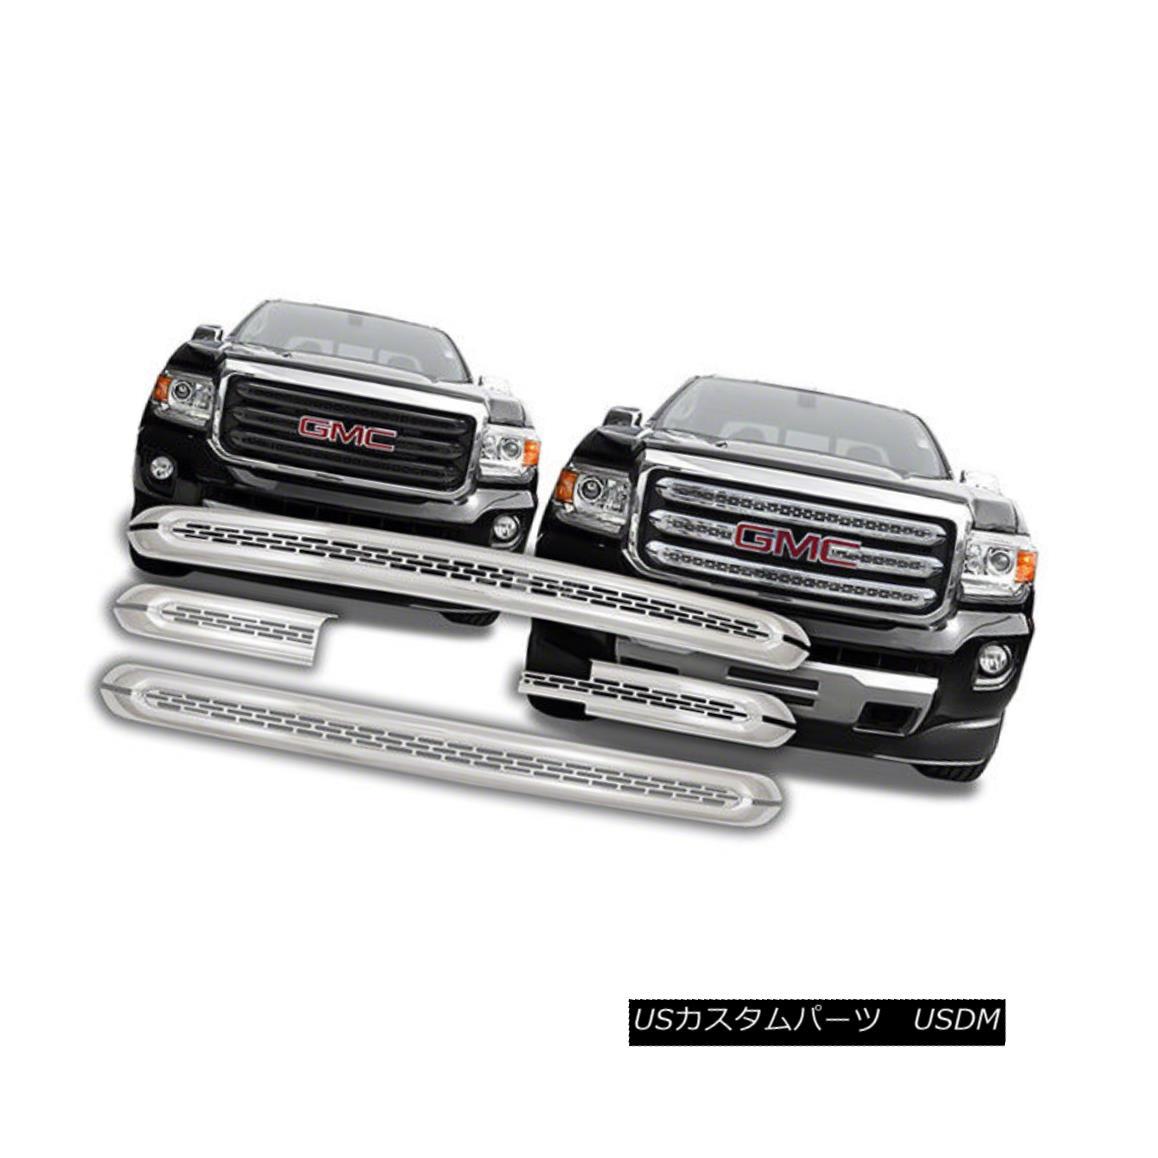 グリル IWCGI142 - Triple Chrome Plated ABS Grille Overlay - Fits 2015 GMC Canyon IWCGI142 - トリプルクロームメッキABSグリルオーバーレイ - 2015 GMCキャニオンにフィット